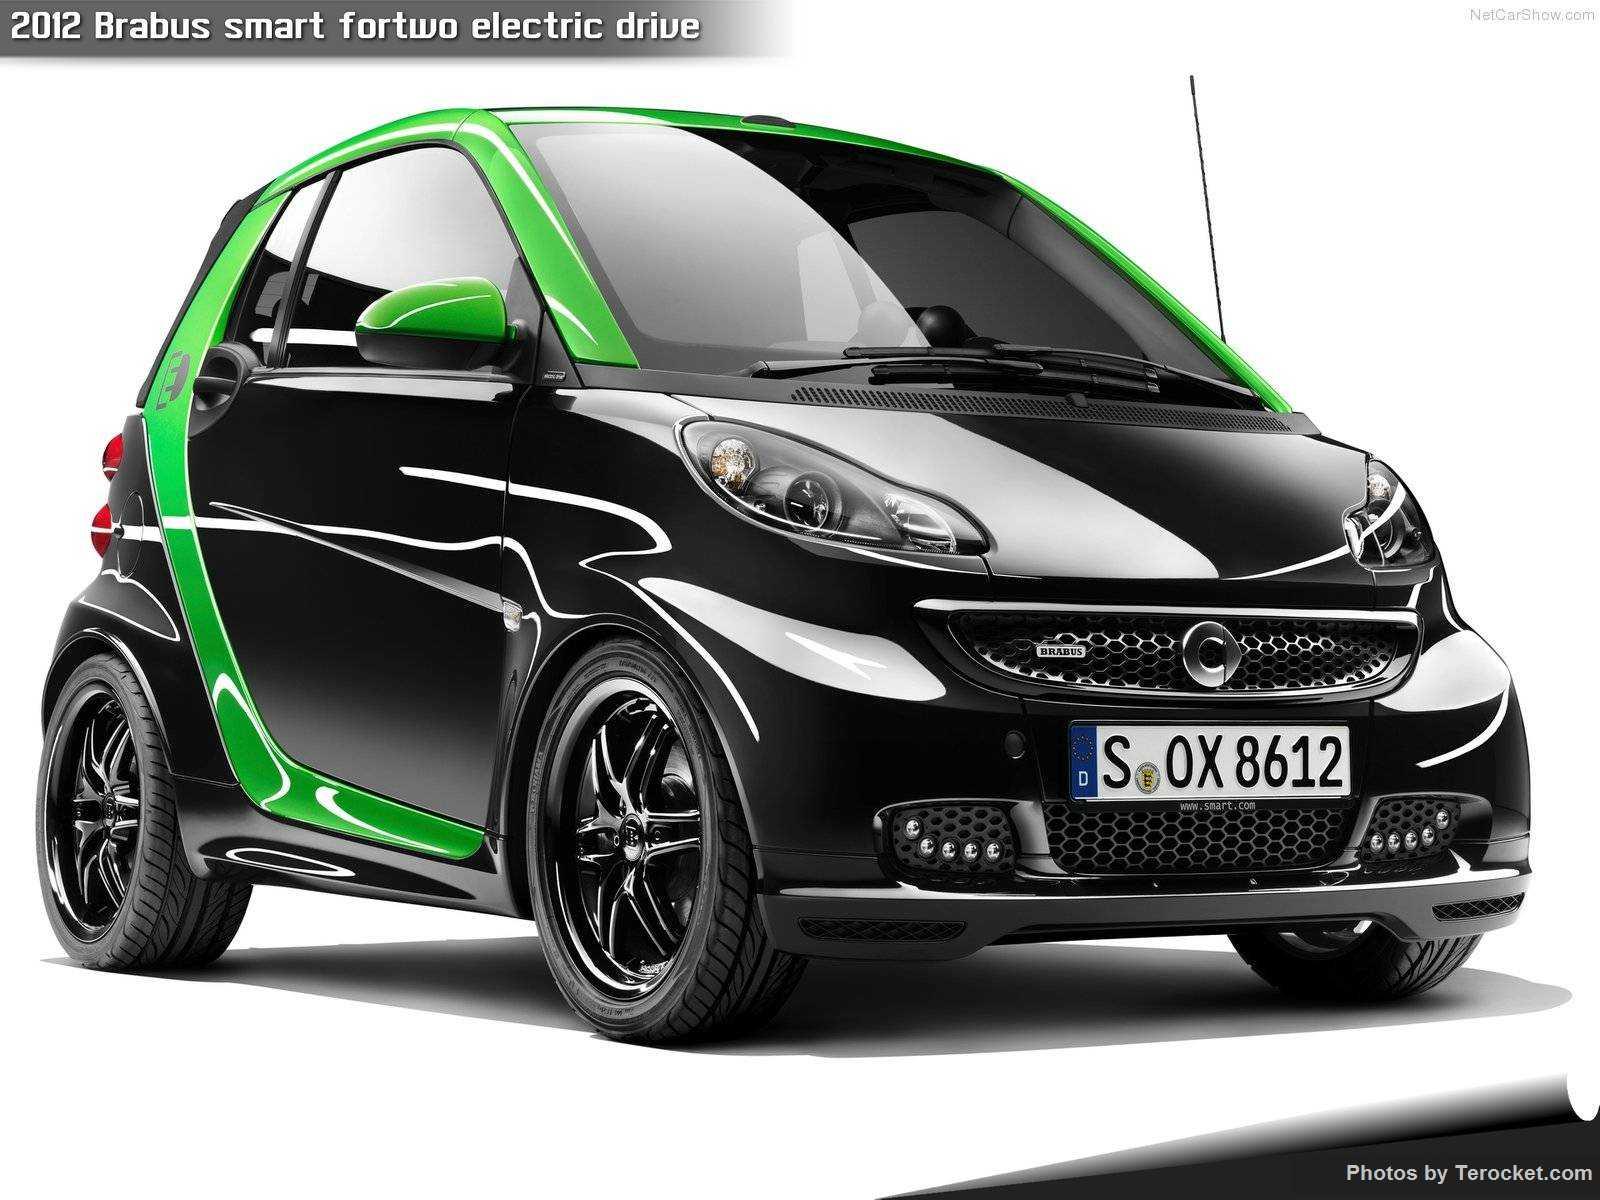 Hình ảnh xe ô tô Brabus smart fortwo electric drive 2012 & nội ngoại thất